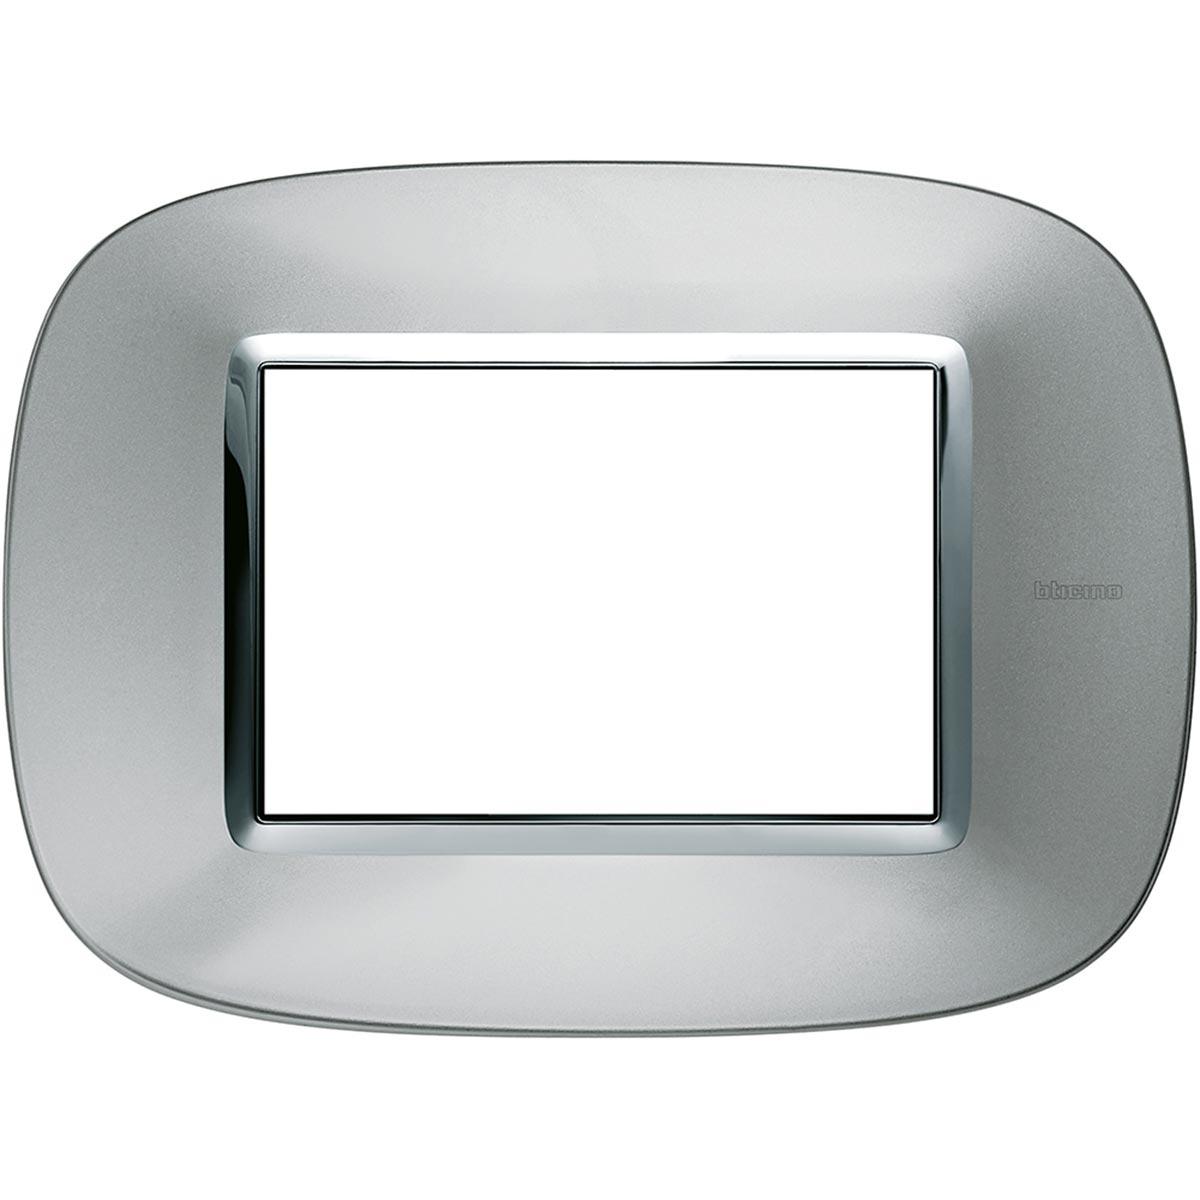 HB4803XC placche axolute bticino alluminio ovale 3 posti